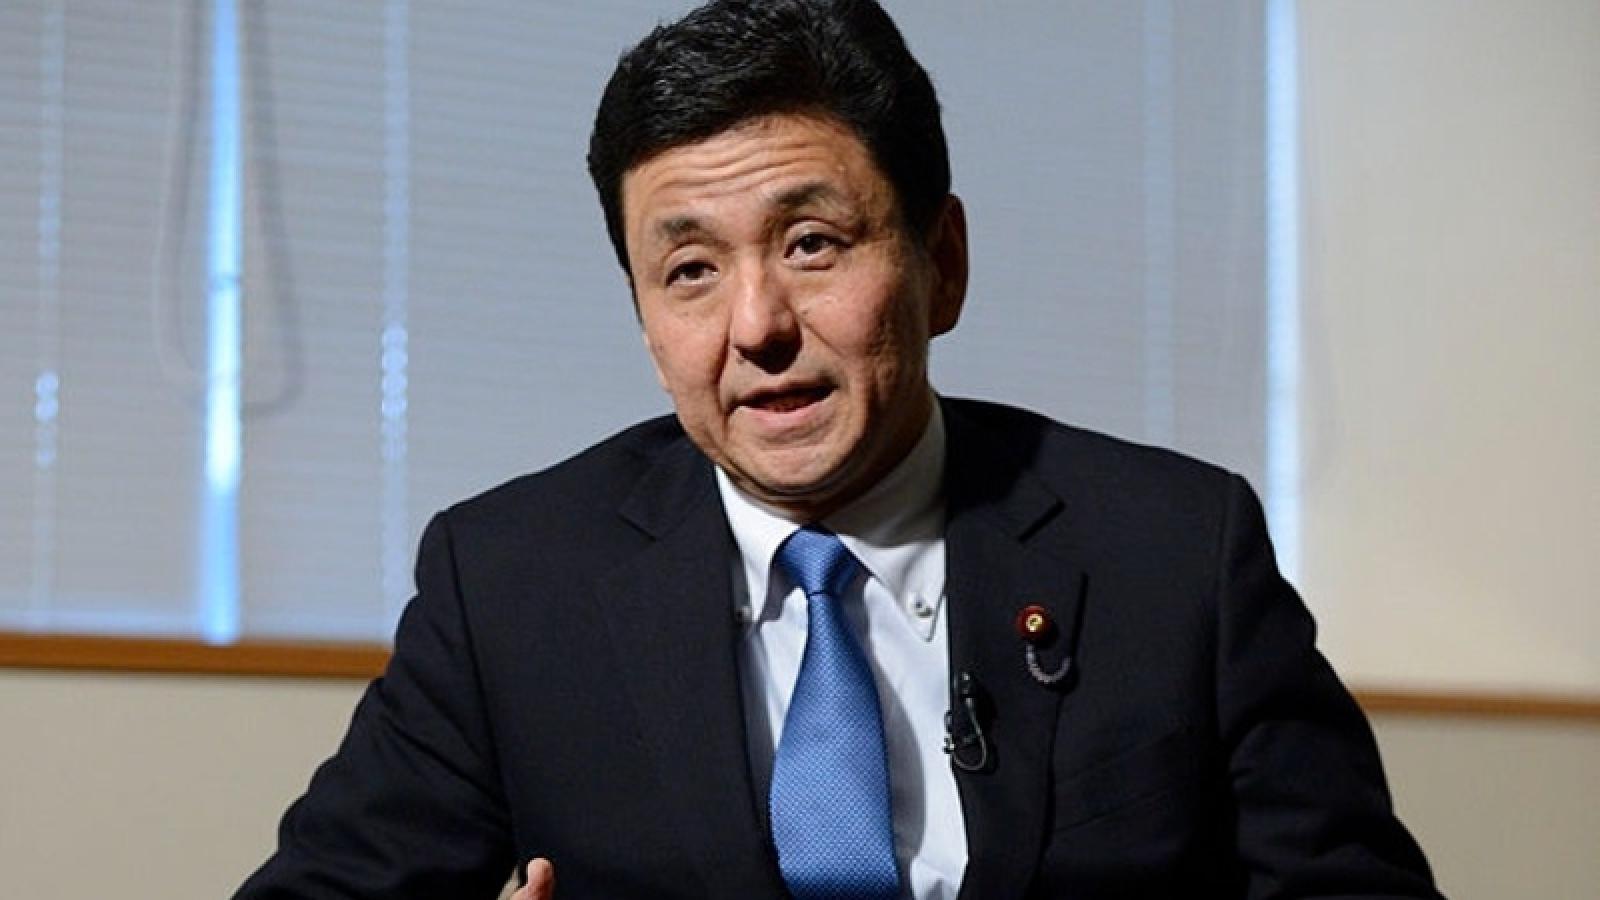 Nhật Bản kêu gọi EU đưa ra thông điệp mạnh mẽ về Ấn Độ Dương-Thái Bình Dương